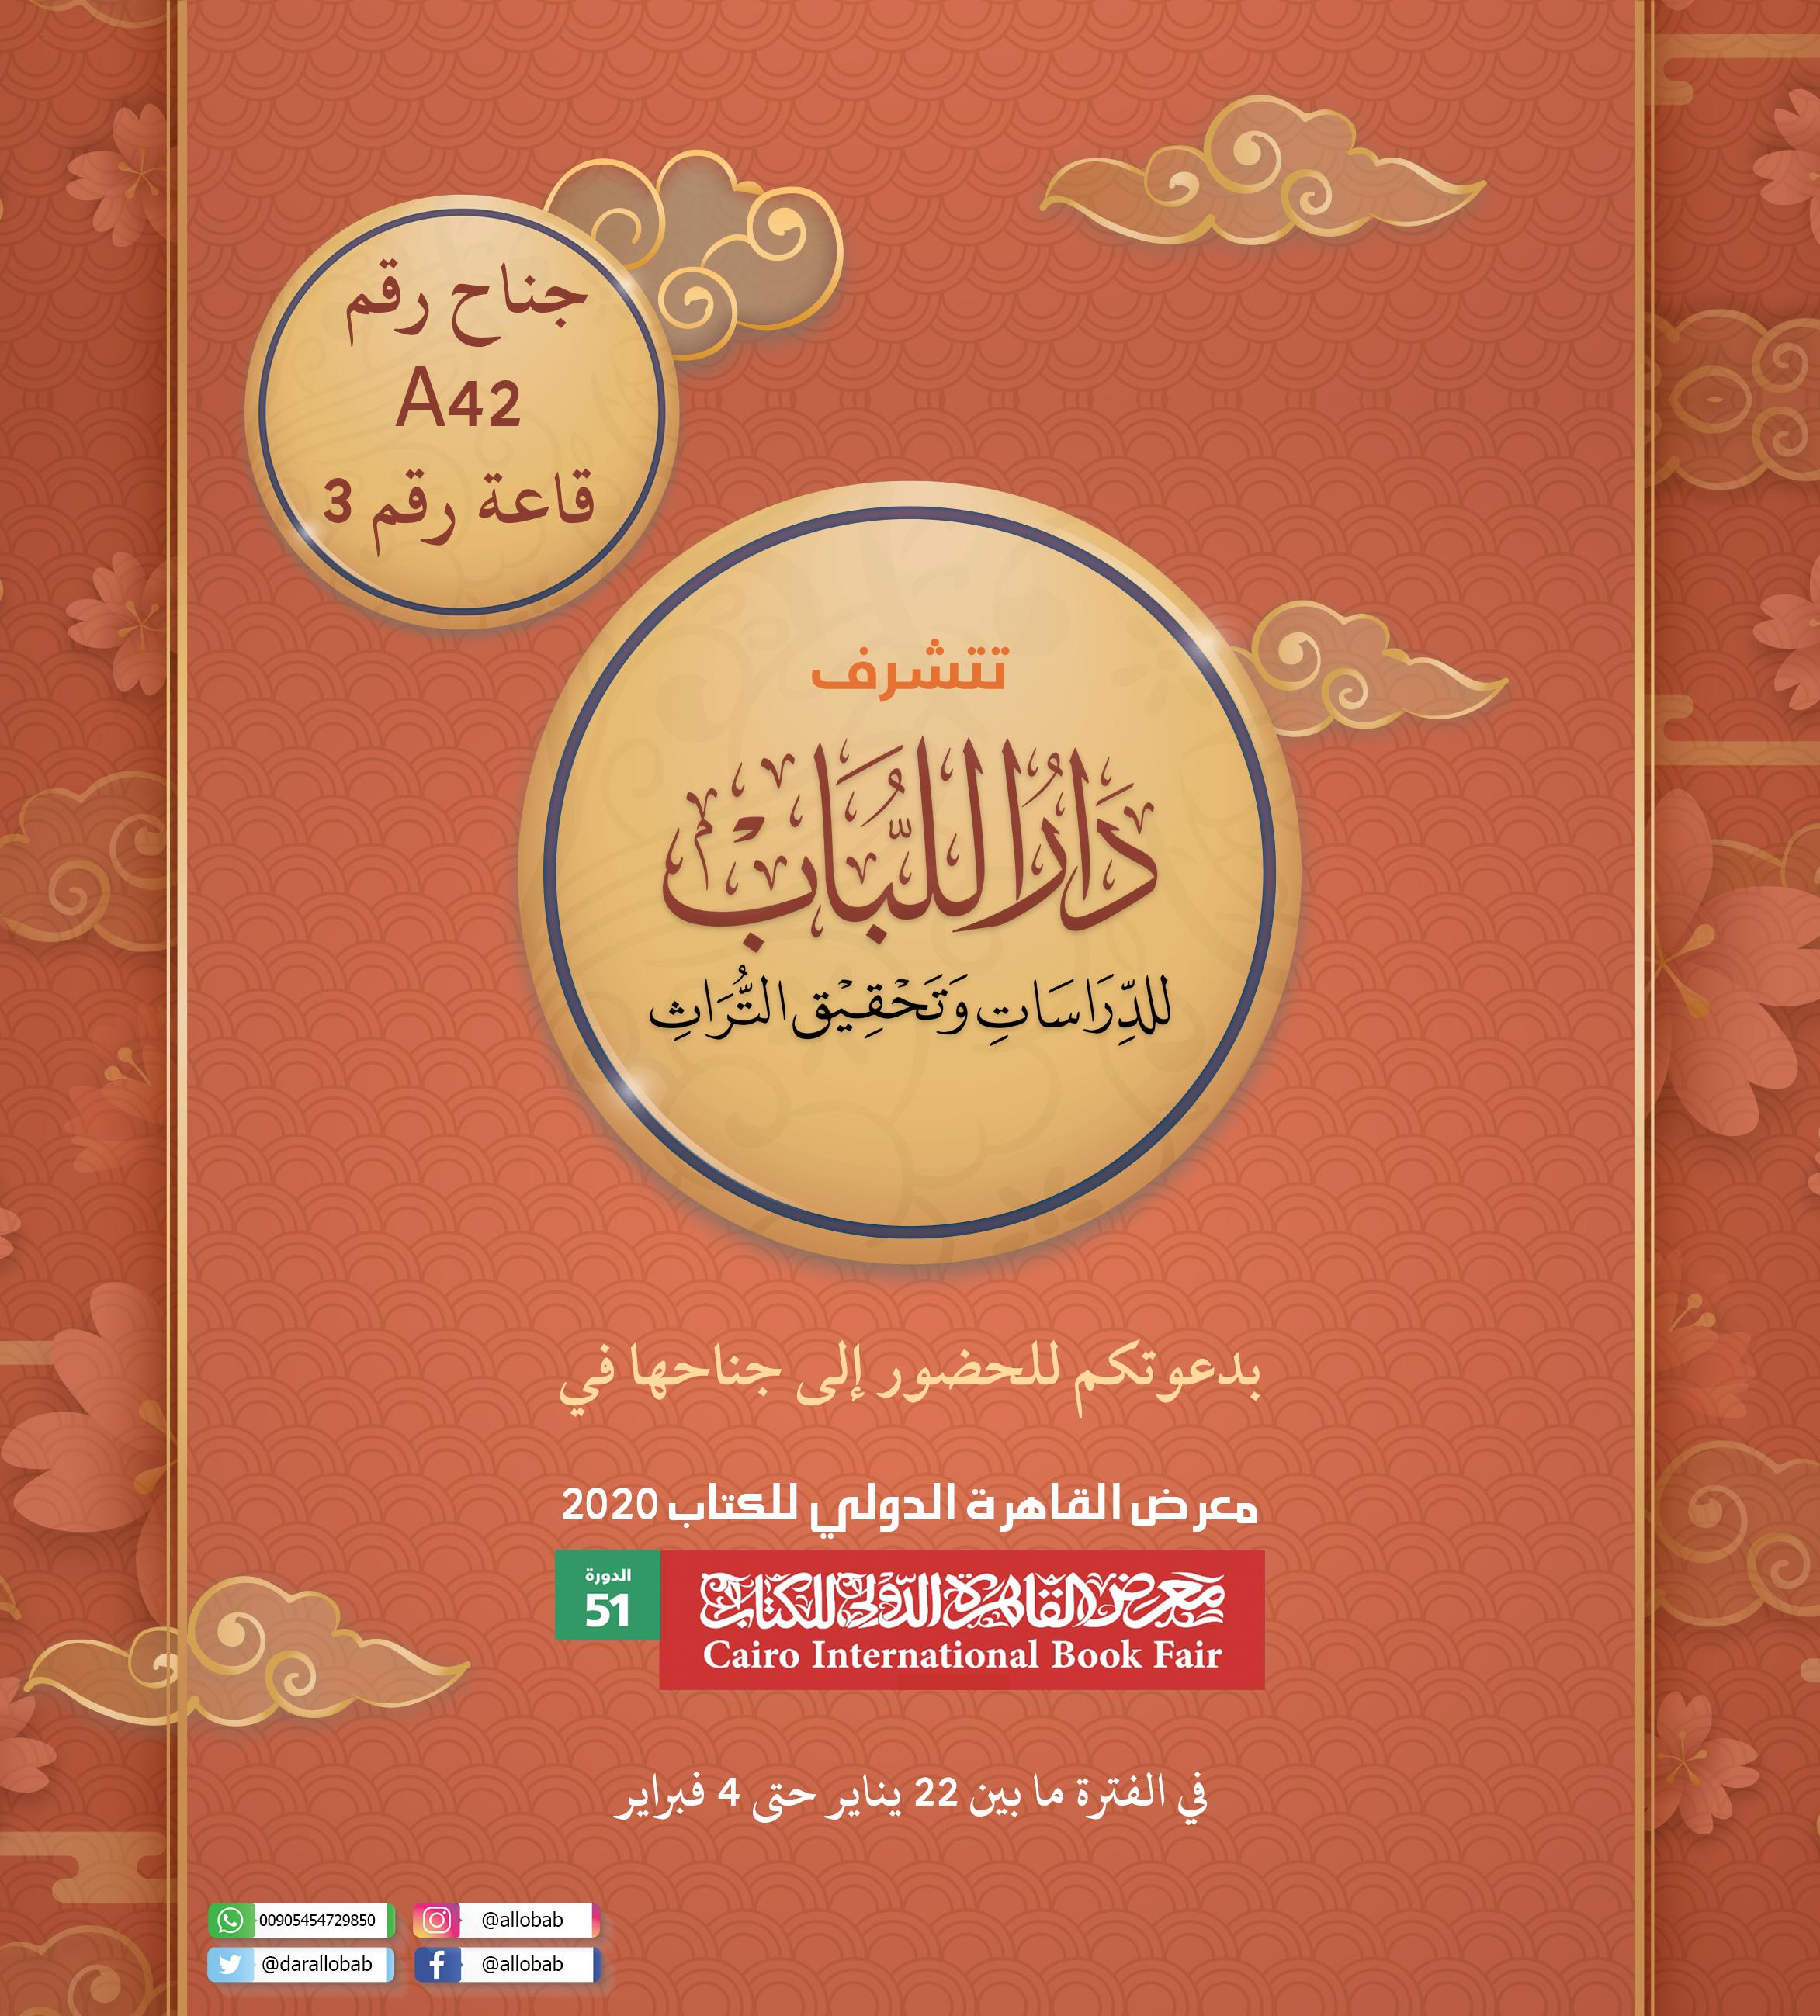 تتشرف دار اللباب بدعوتكم للحضور إلى جناحها في معرض القاهرة الدولي للكتاب 2020